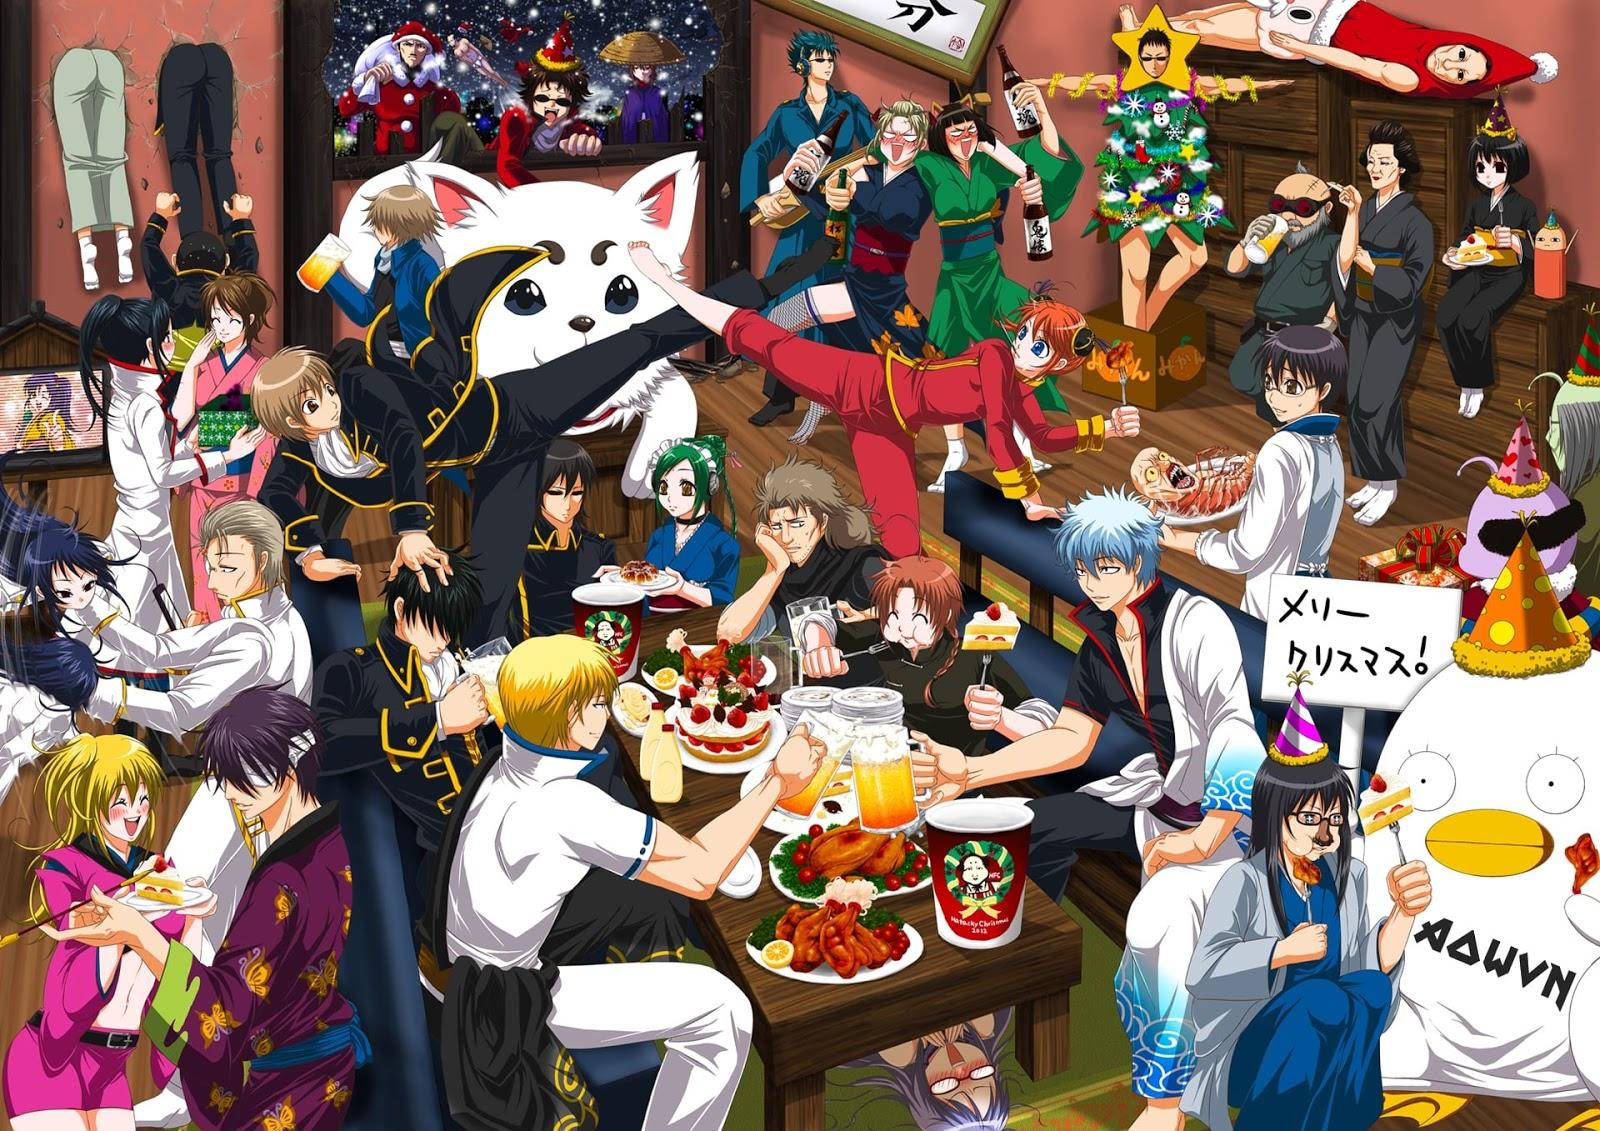 Gintama%2B %2BAowVN%2B %2BPhatpro min - [ Anime 3gp Mp4 ] Gintama + Ova + Sp + Movie | Vietsub - Cực Hài - Cực Bựa - Nên Xem Trước Khi Chết!